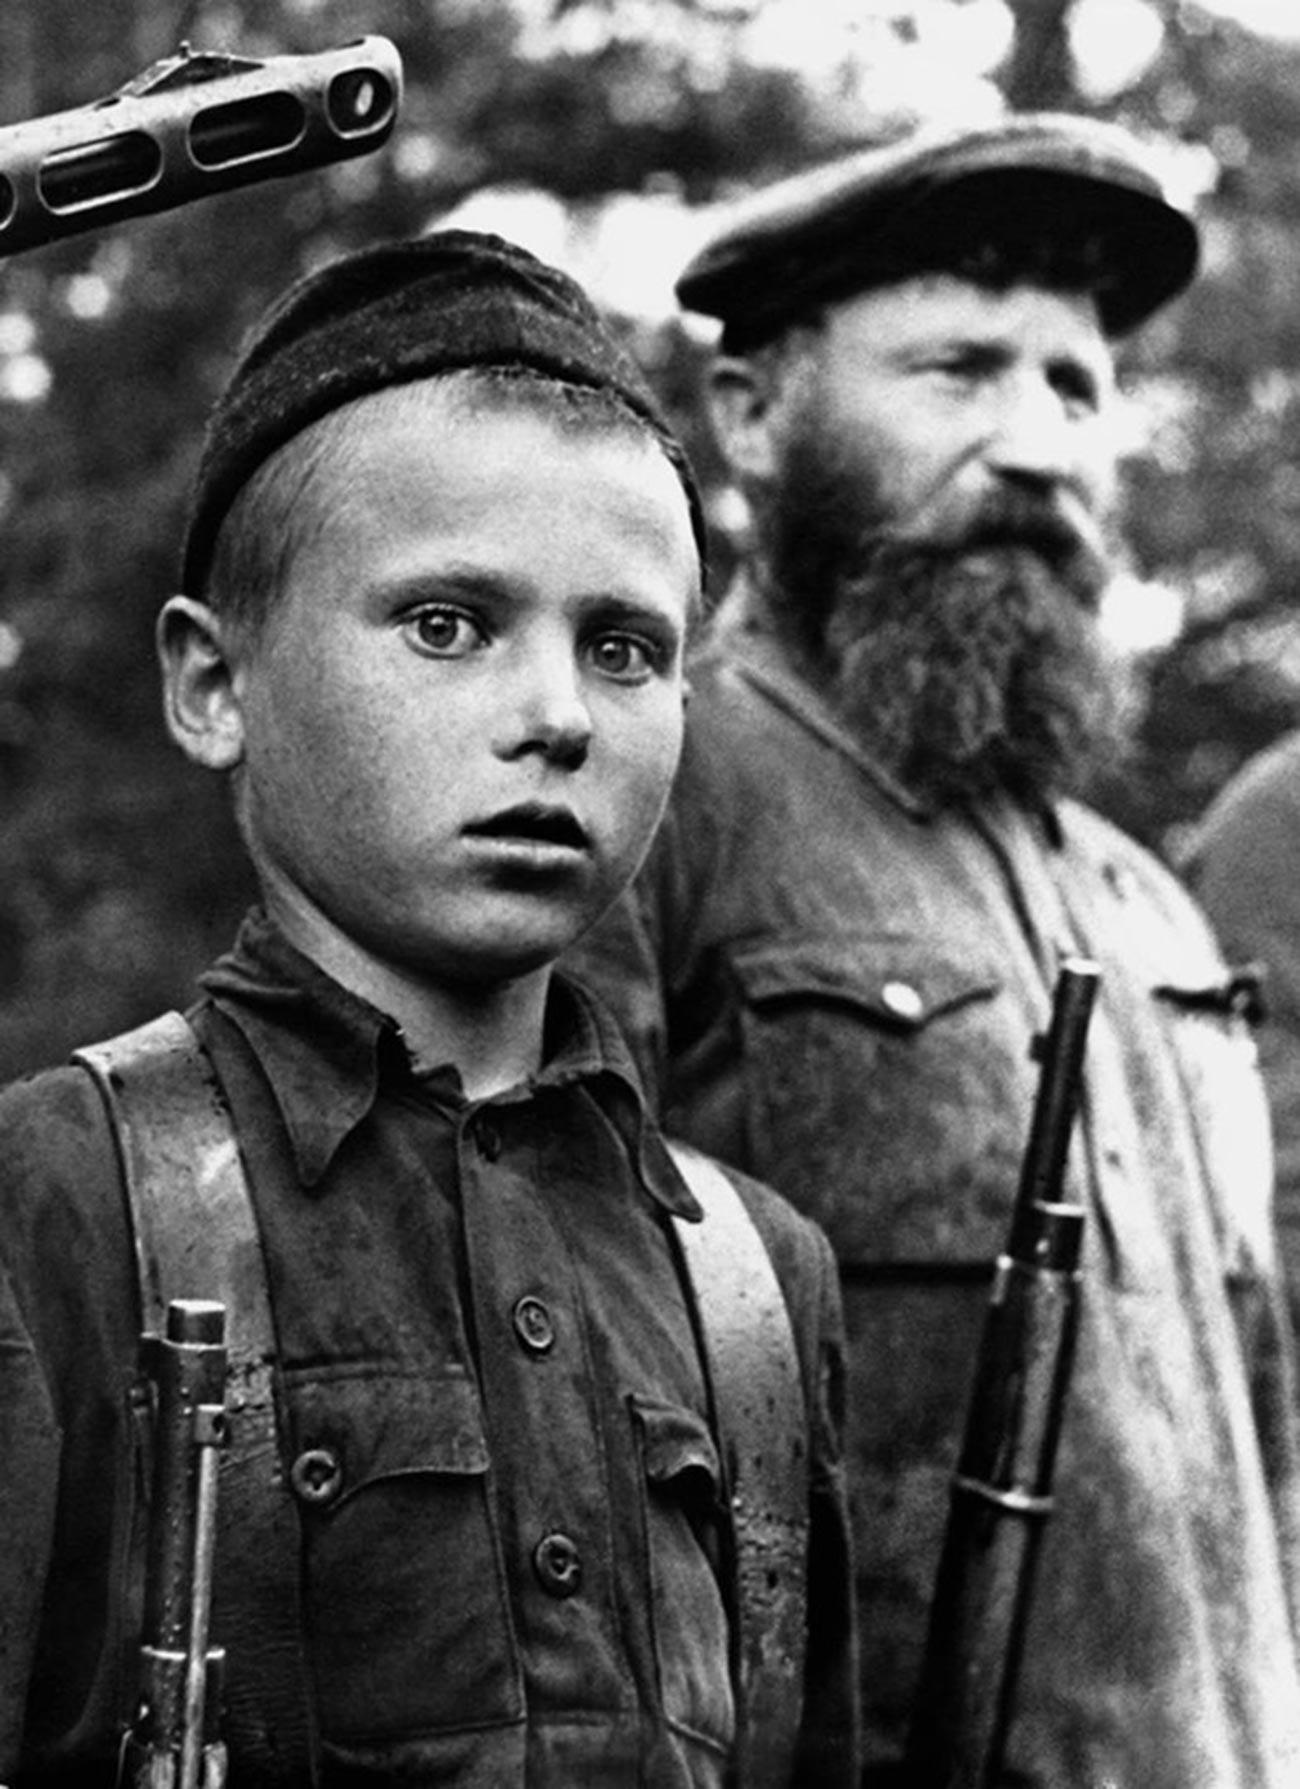 """Млади партизански извиђач Петар Гурко из одреда """"За власт Совјета"""" добија медаљу """"За храброст""""."""